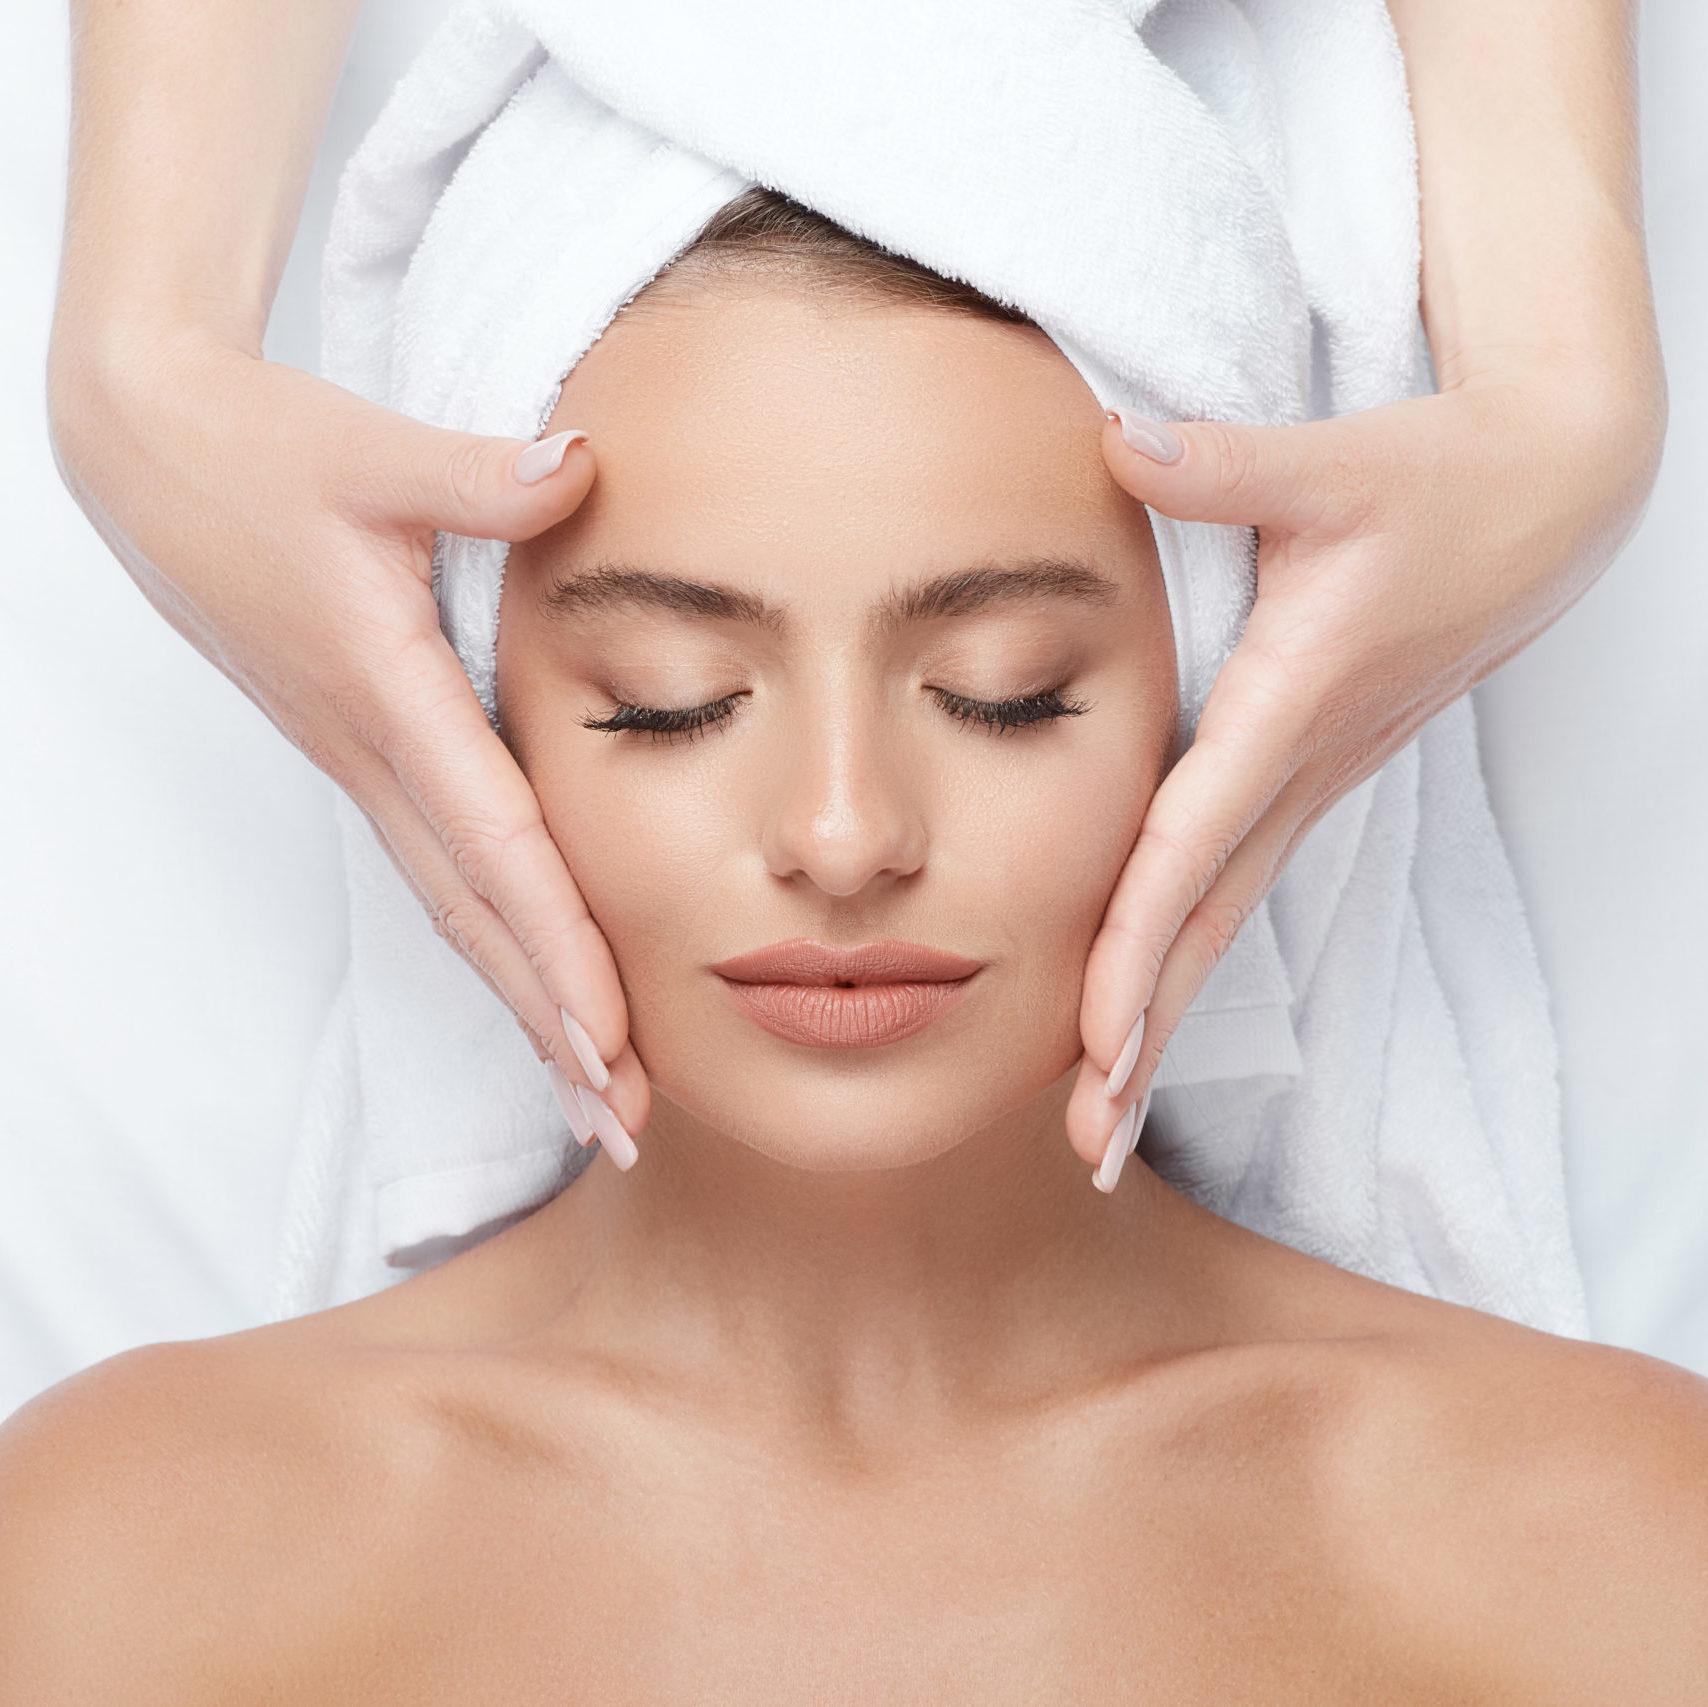 oczyszczanie twarzy i zabiegi złuszczające